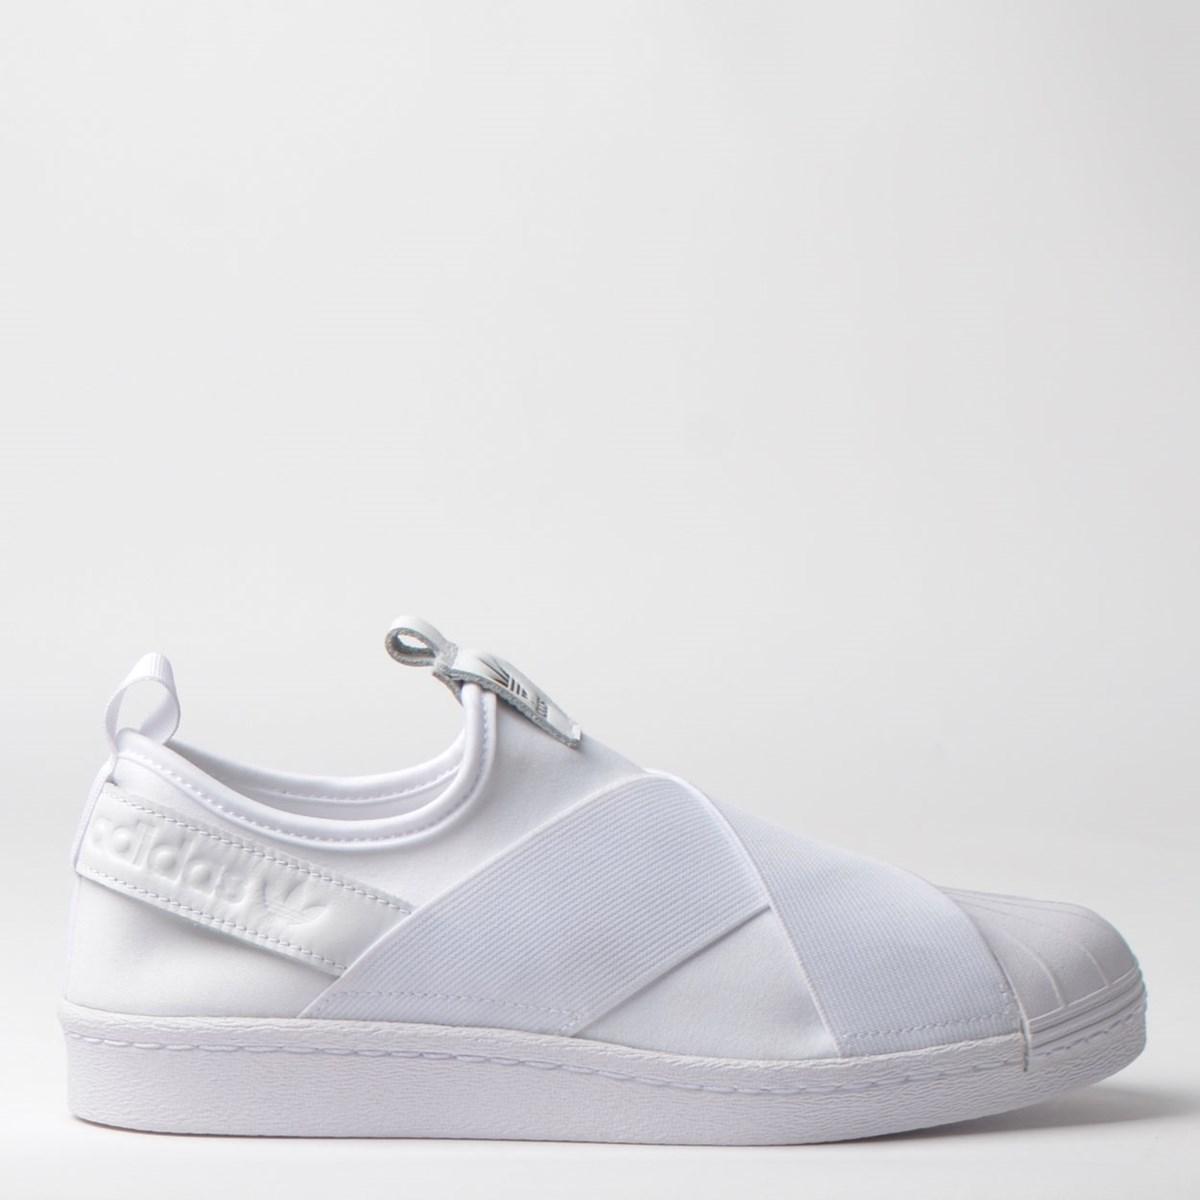 dividir Principiante capital  Tênis Adidas Superstar Slip On W Branco Branco S81338 na Loja Virus